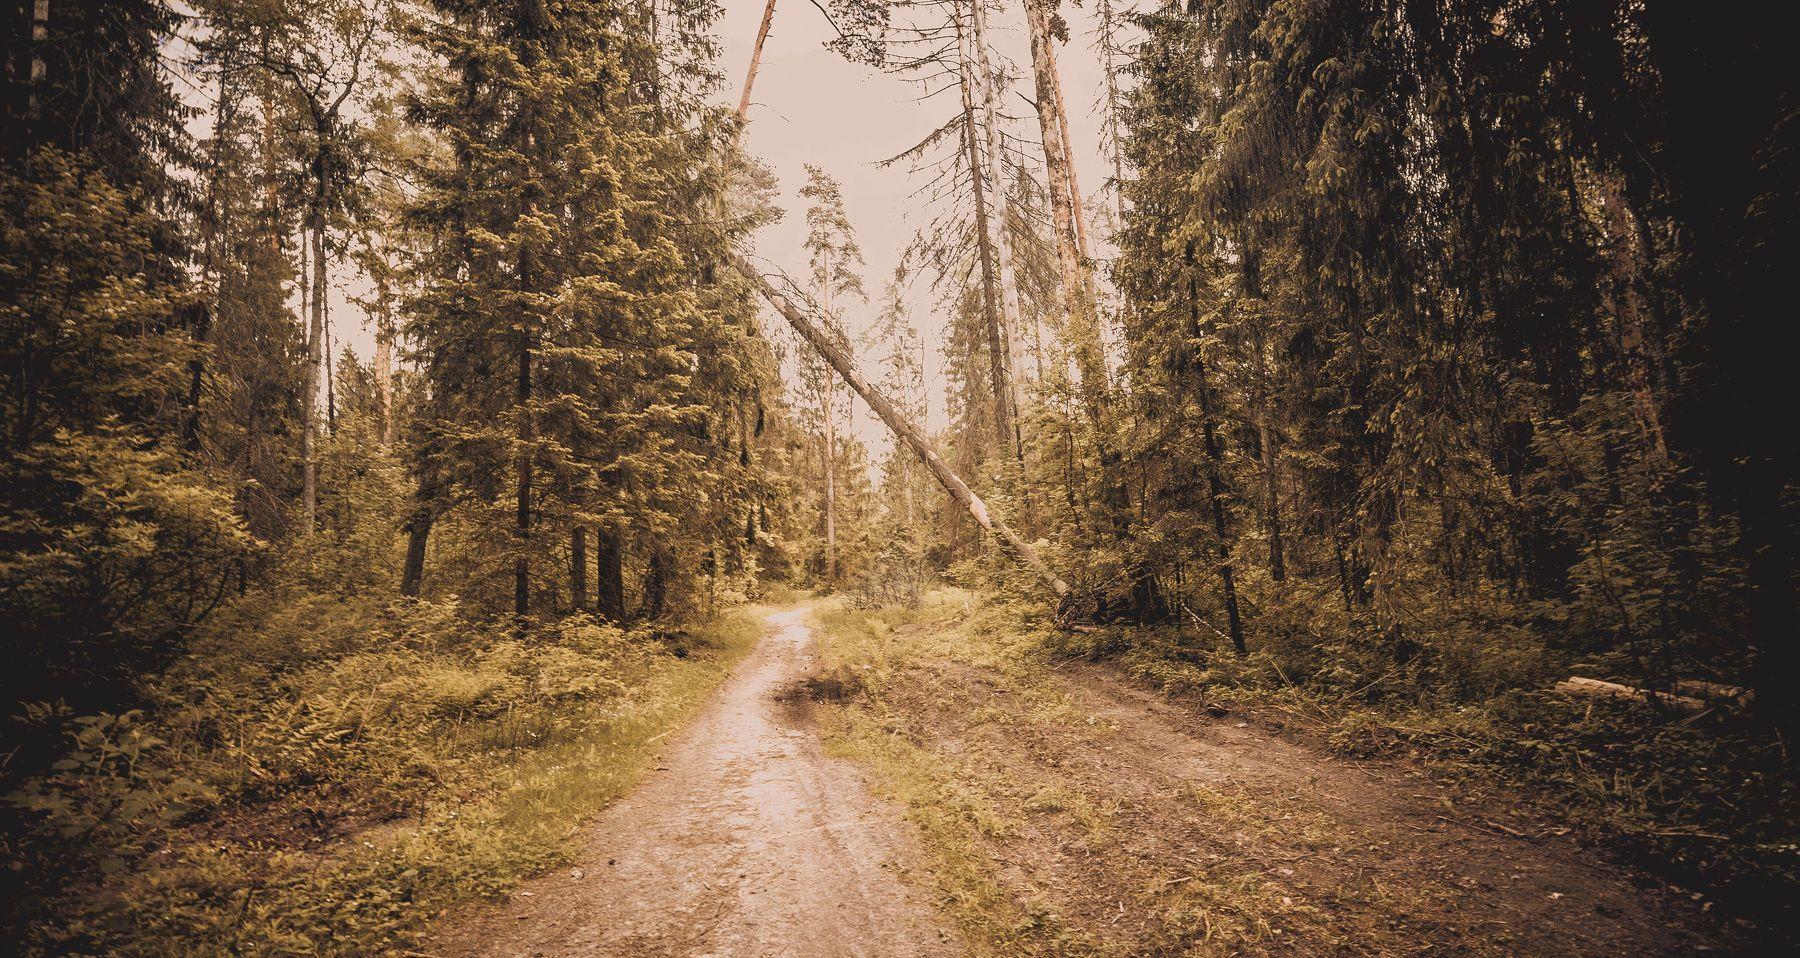 пейзаж, природа, , дорога, деревья, лес, Василий